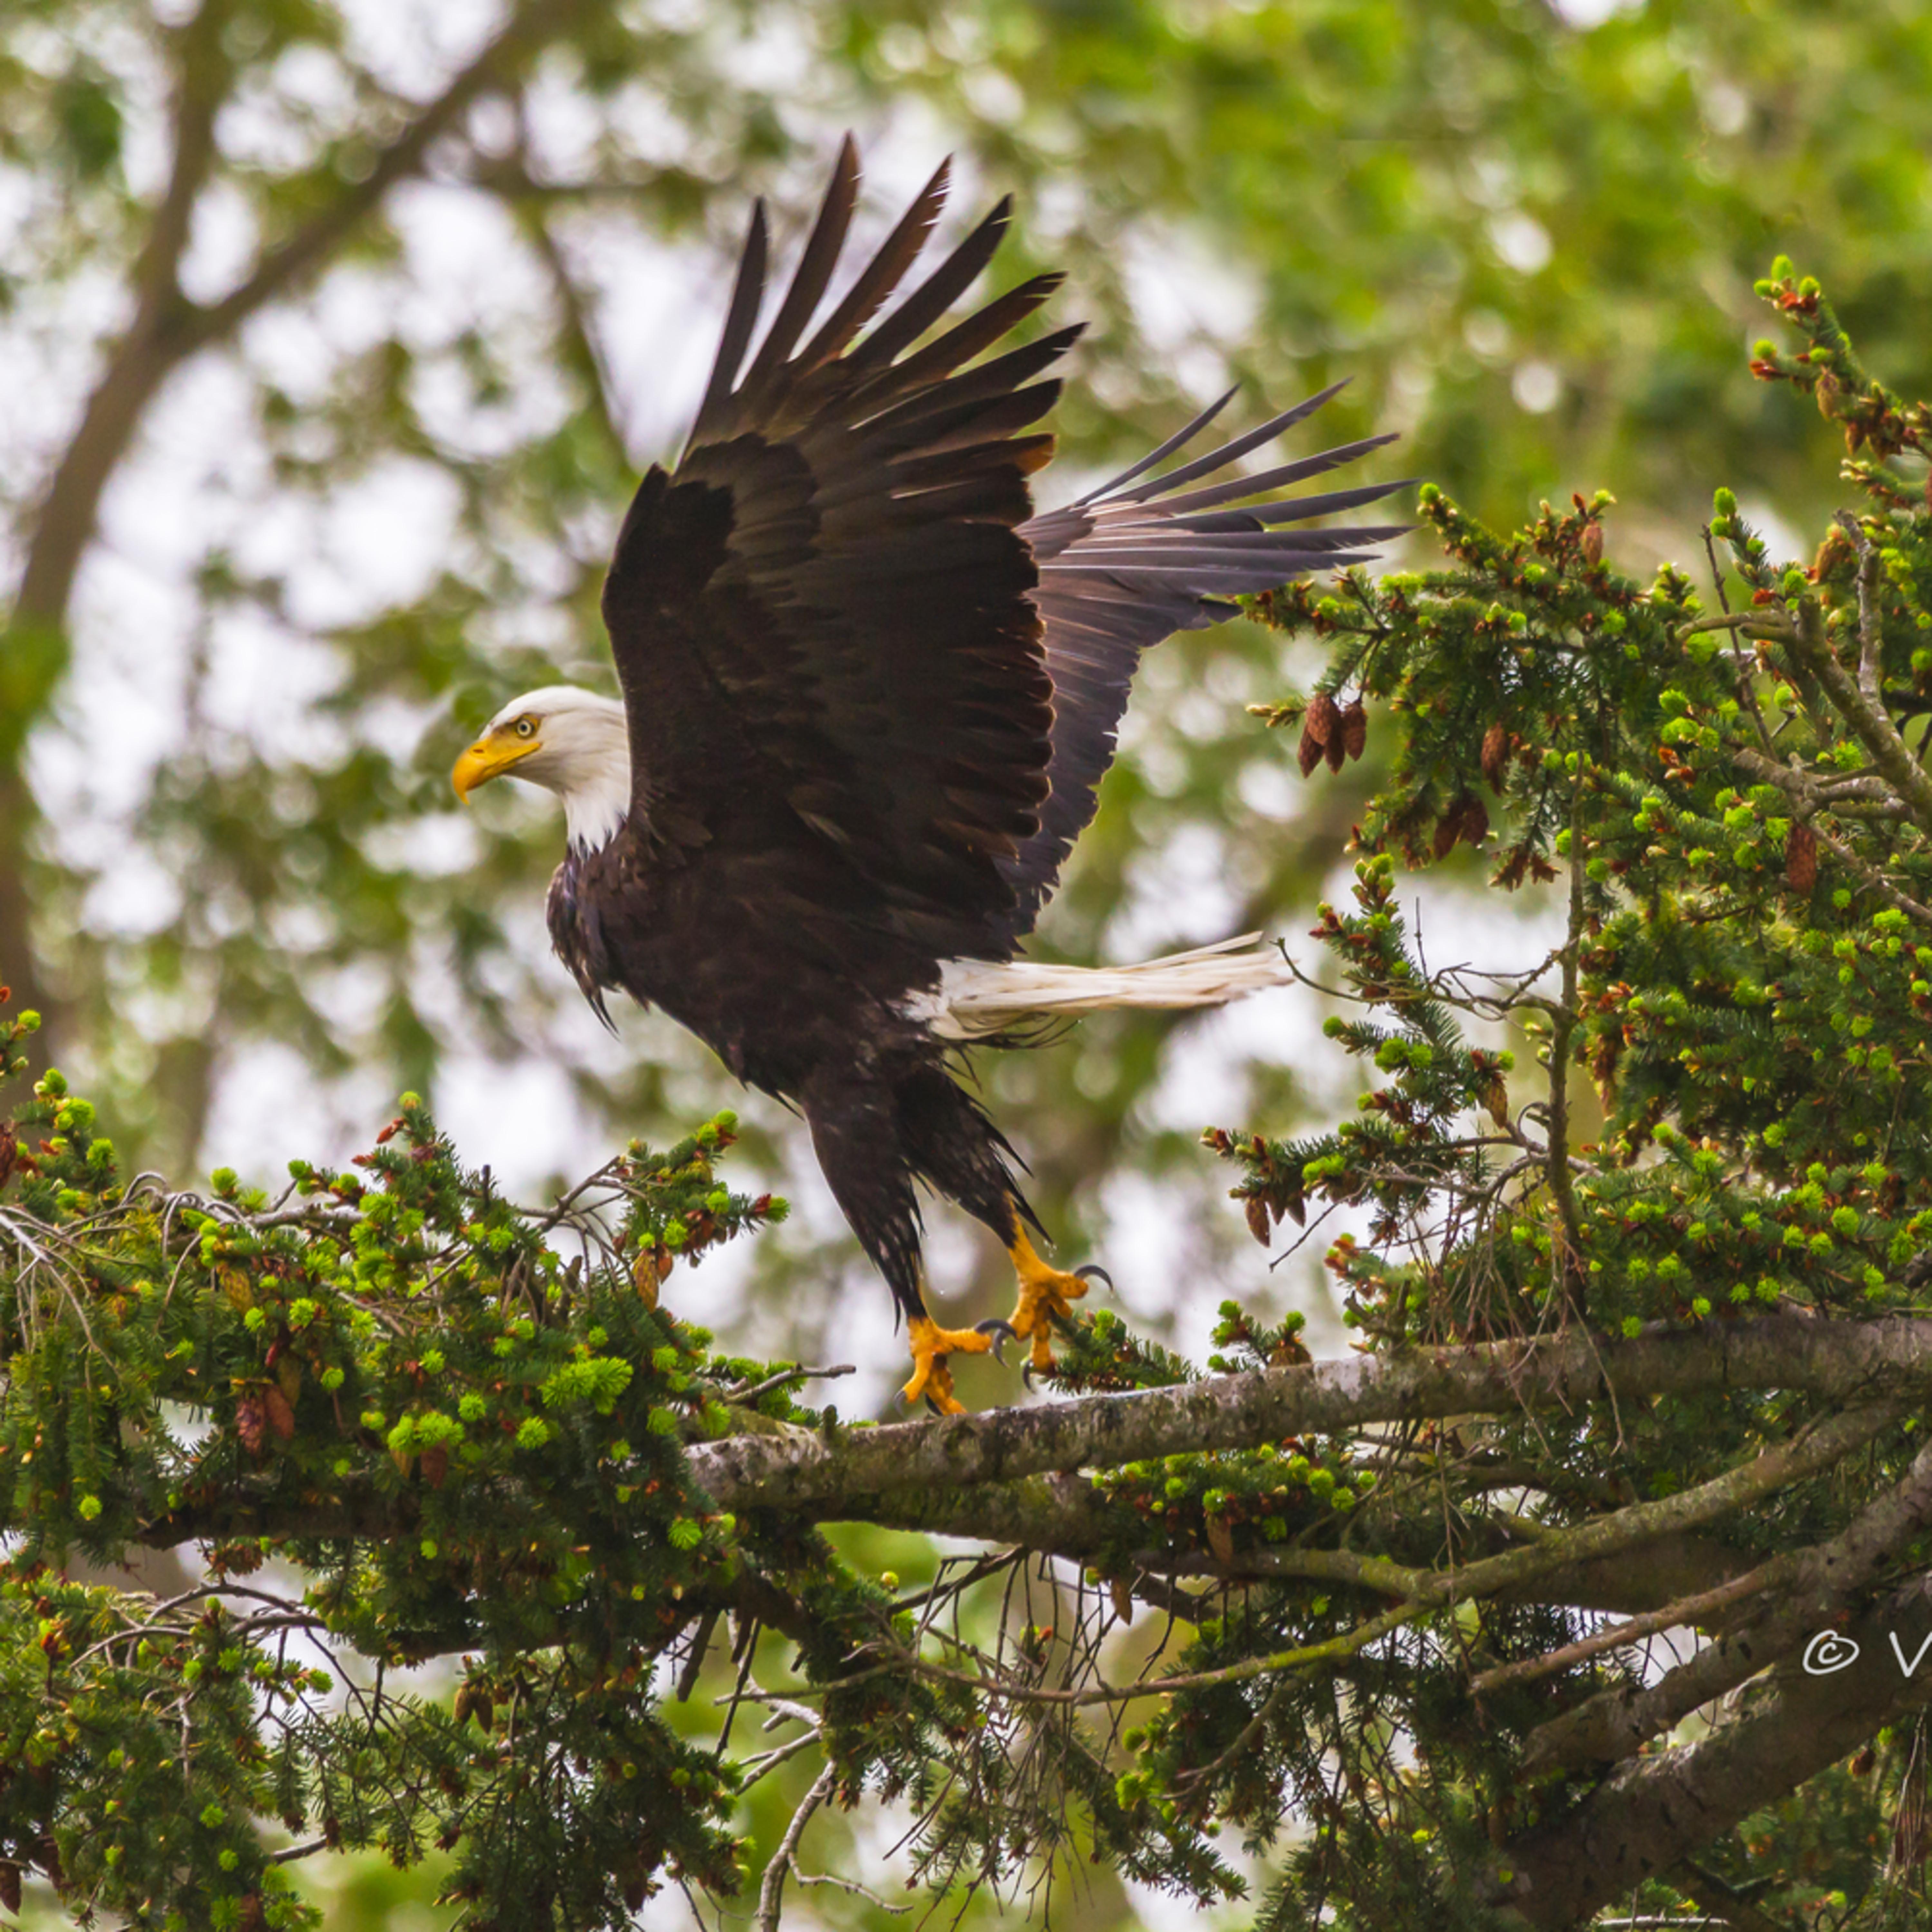 2010 may eagle invasion 0187 asf final eugn2u